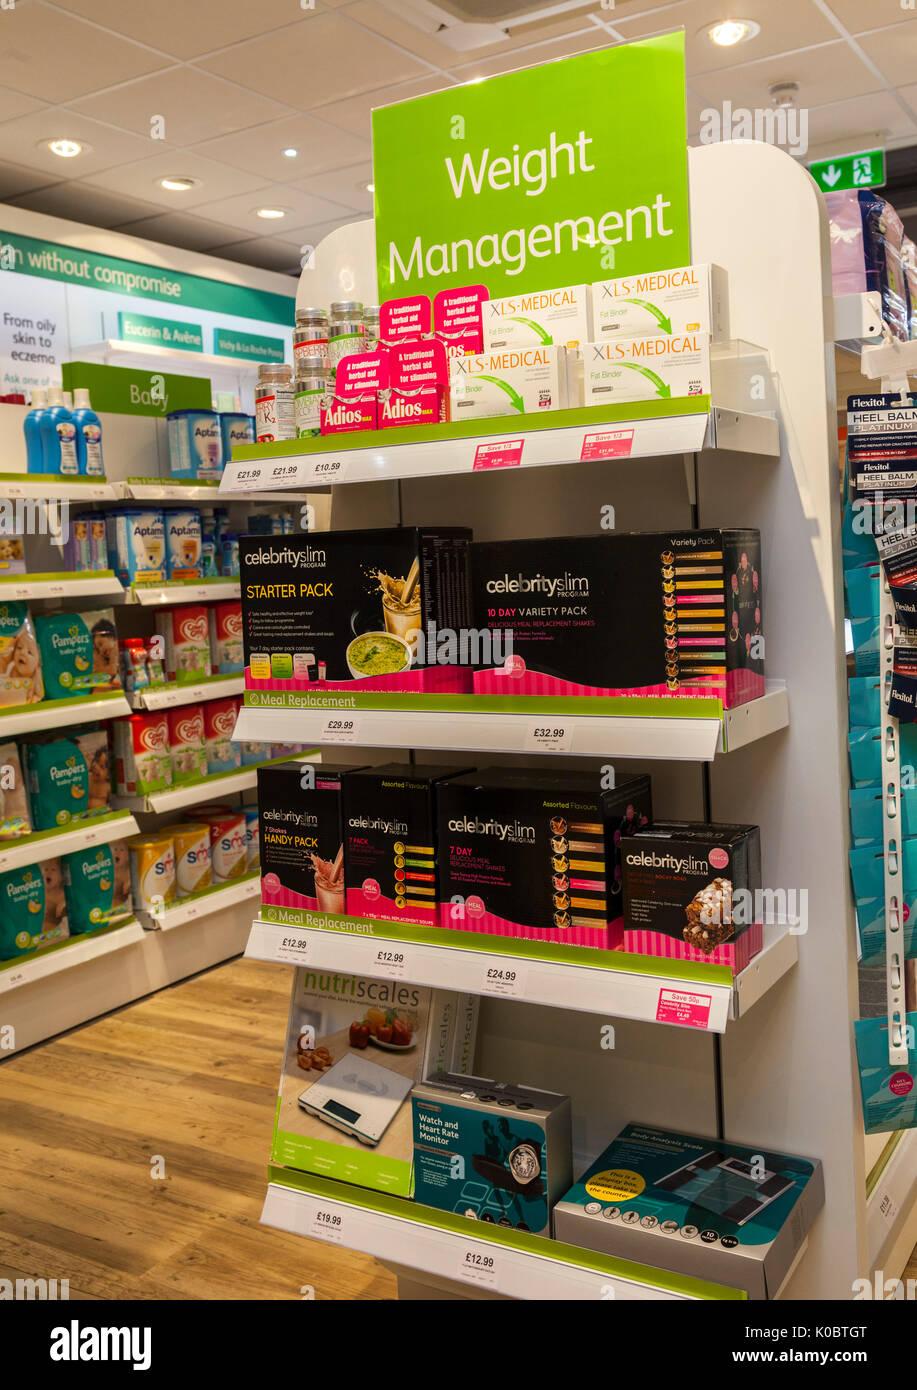 La gestione del peso dei prodotti in una farmacia,farmacia ripiano,farmacisti,drug store. Celebrity slim, Immagini Stock